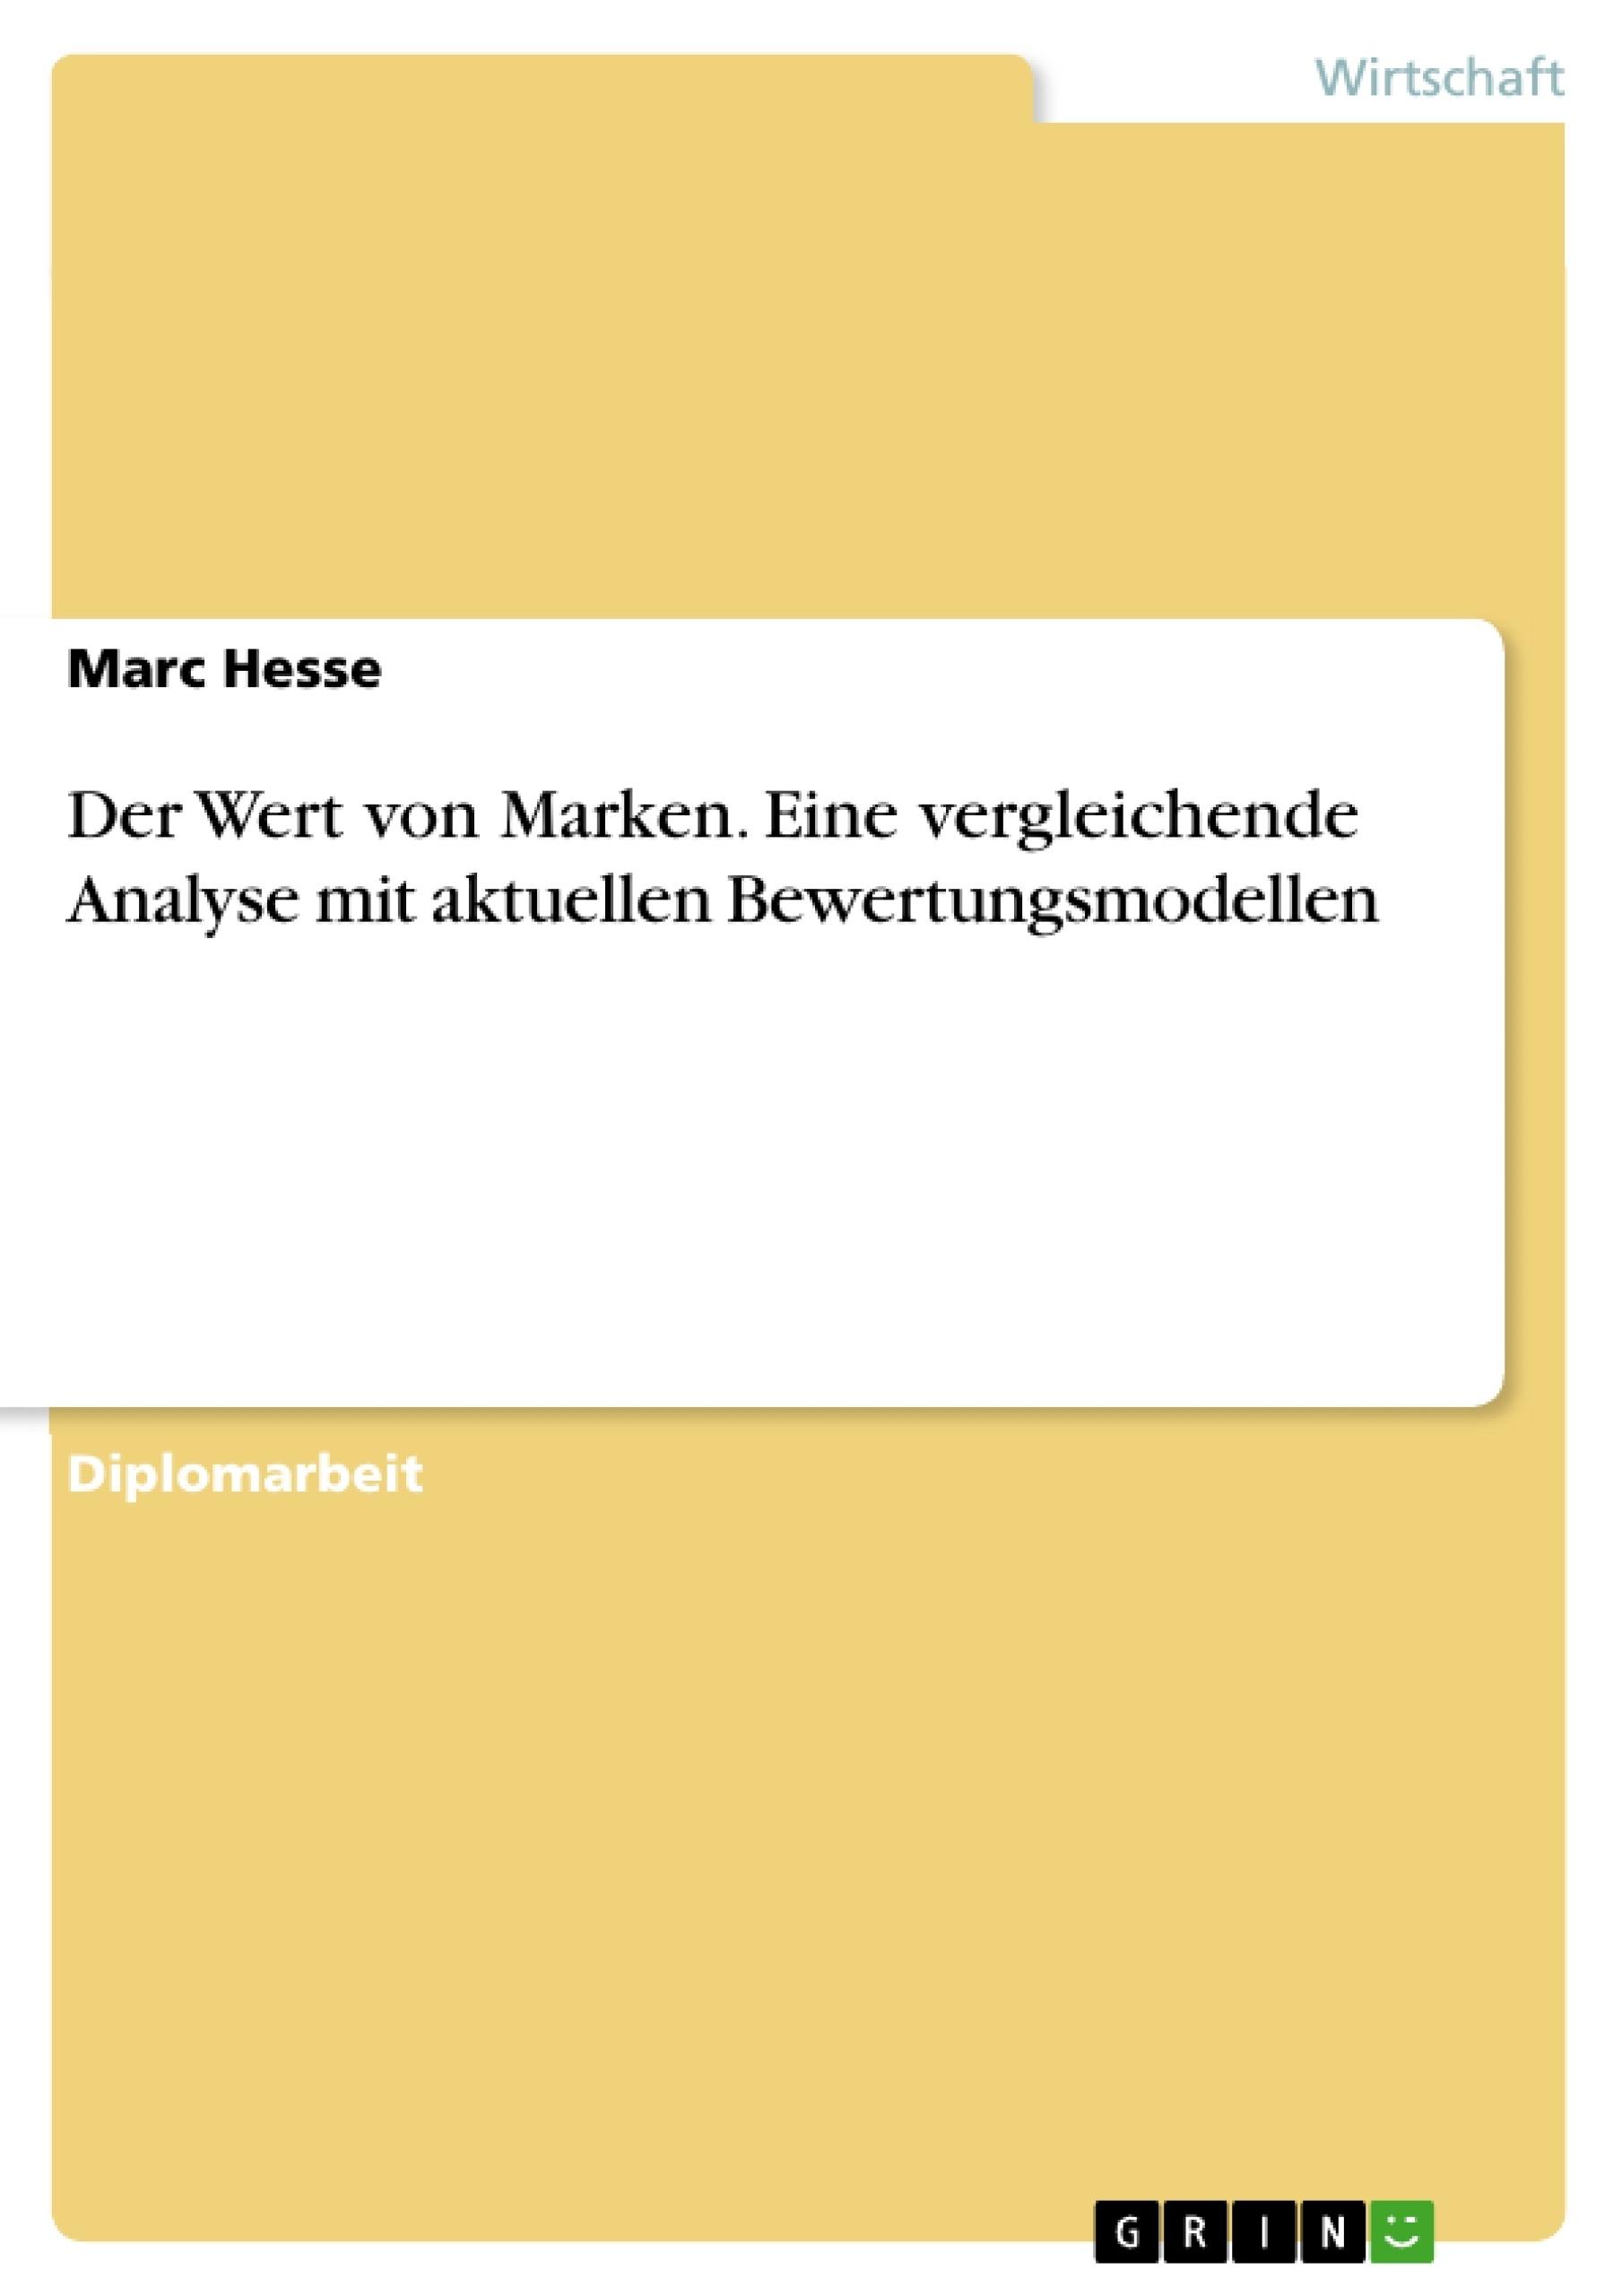 Titel: Der Wert von Marken. Eine vergleichende Analyse mit aktuellen Bewertungsmodellen